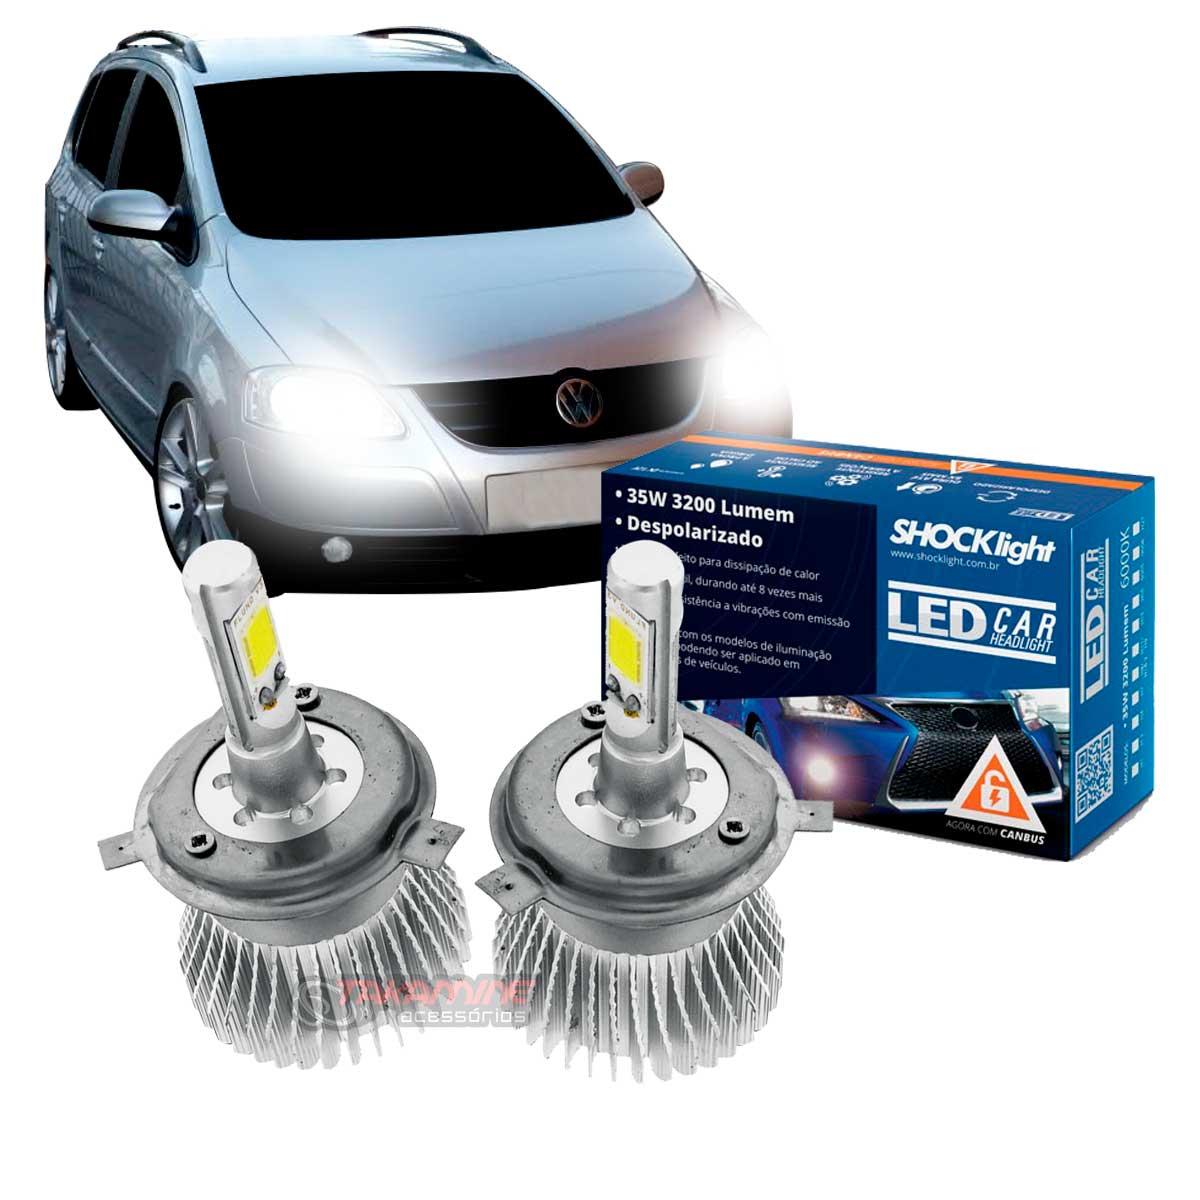 Kit LED SpaceFox 2007 2008 2009 tipo xenon farol alto e baixo H4 35/35W Headlight